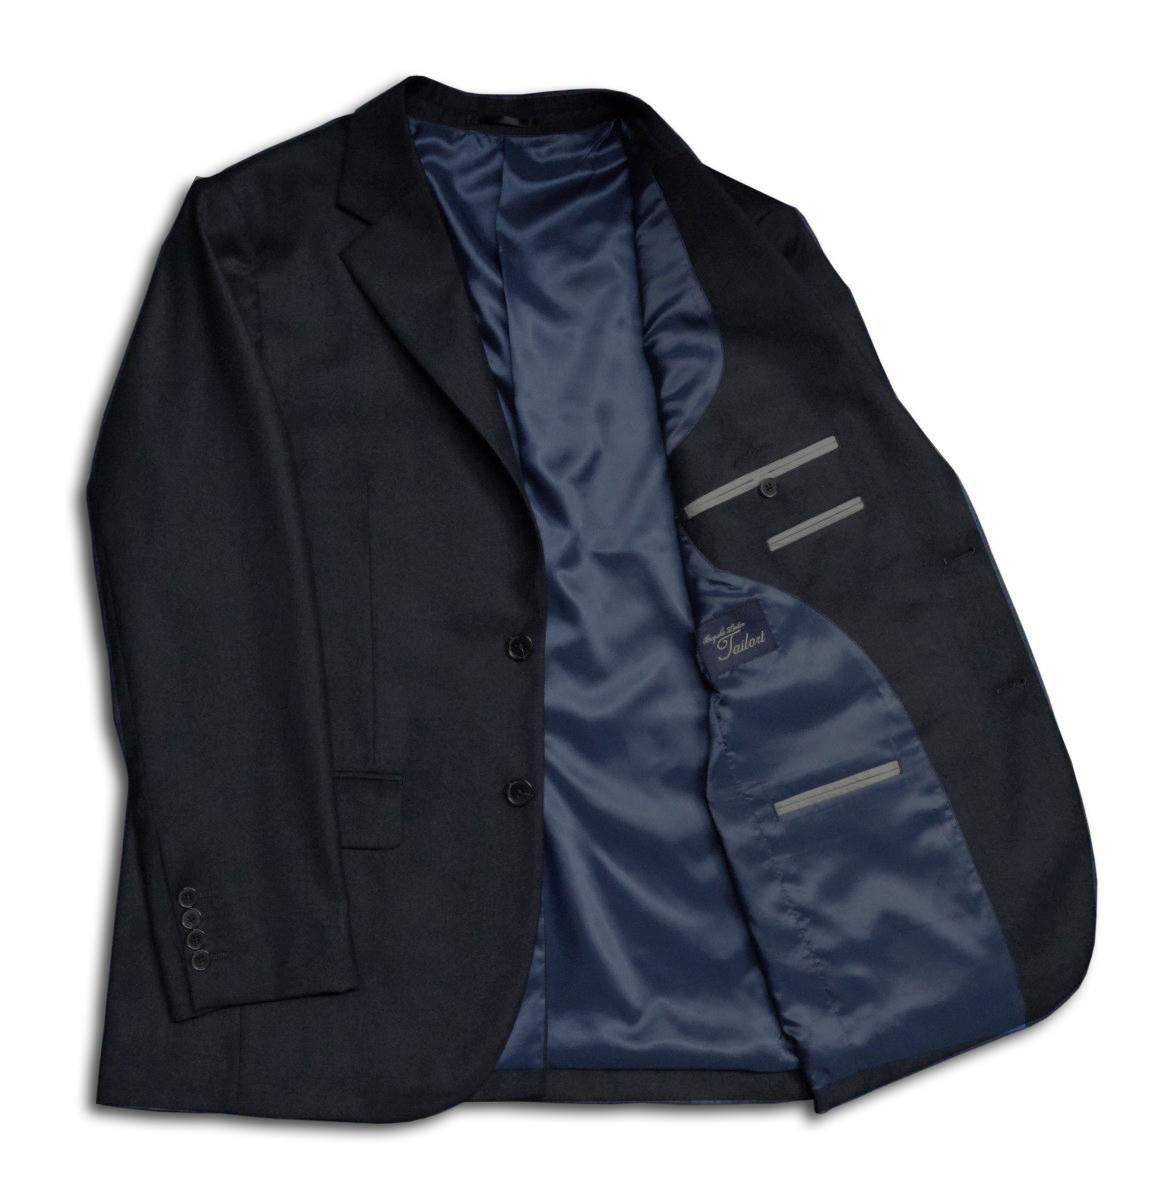 [オーダーレディーススーツ スカートセット]深めネイビーで季節感をコーディネート!